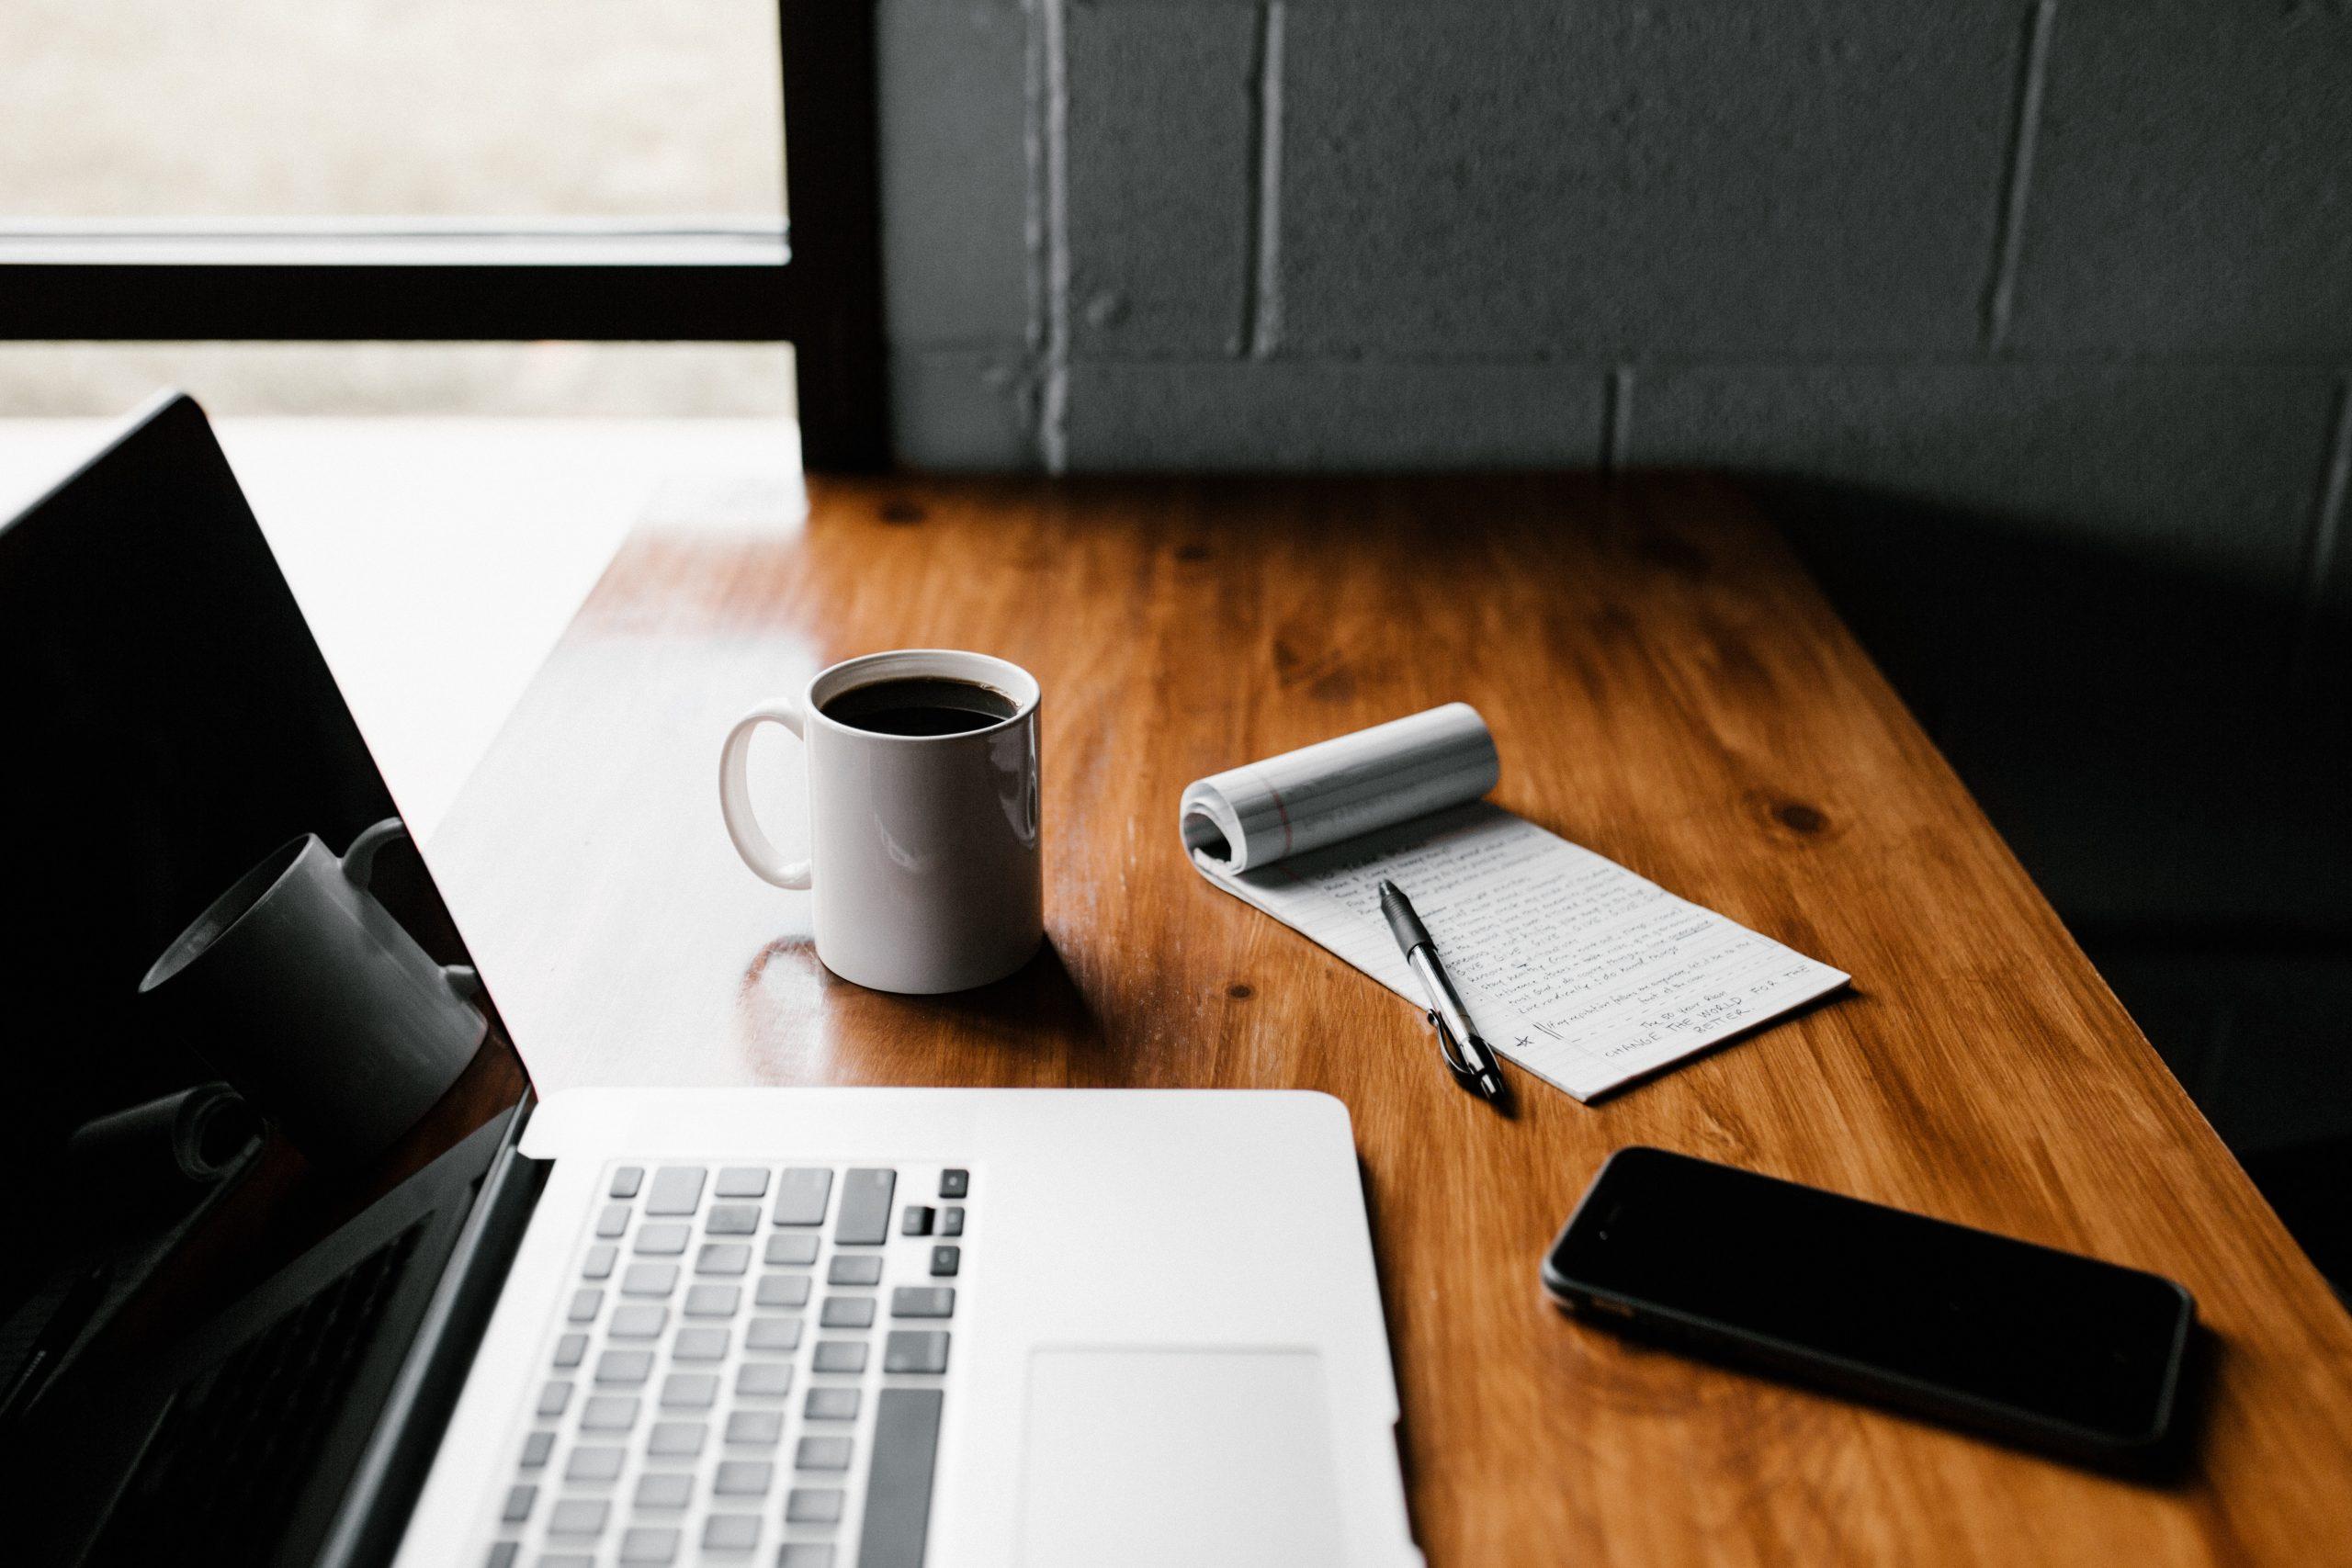 Mesa com computador, caneca de cafe, celular, bloquinho de anotações e caneta representando trabalho no home office; cuidado com as crianças e trabalho é fundamental nos tempos de Covid-19